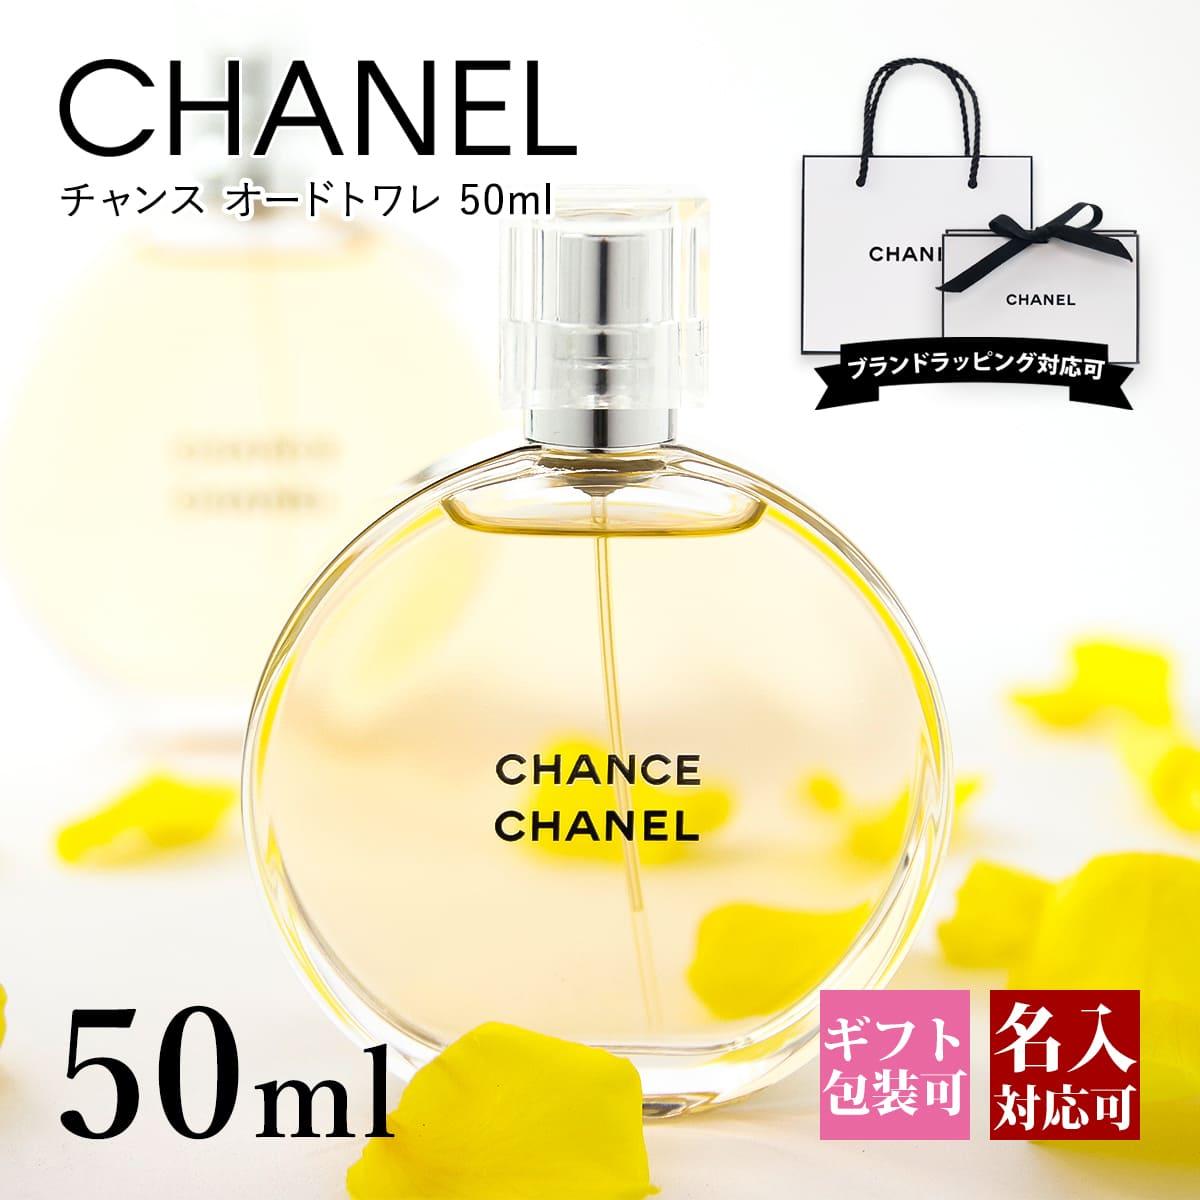 Rakuten Ichiba Shop World Gift Cavatina Brand New Chanel Chanel